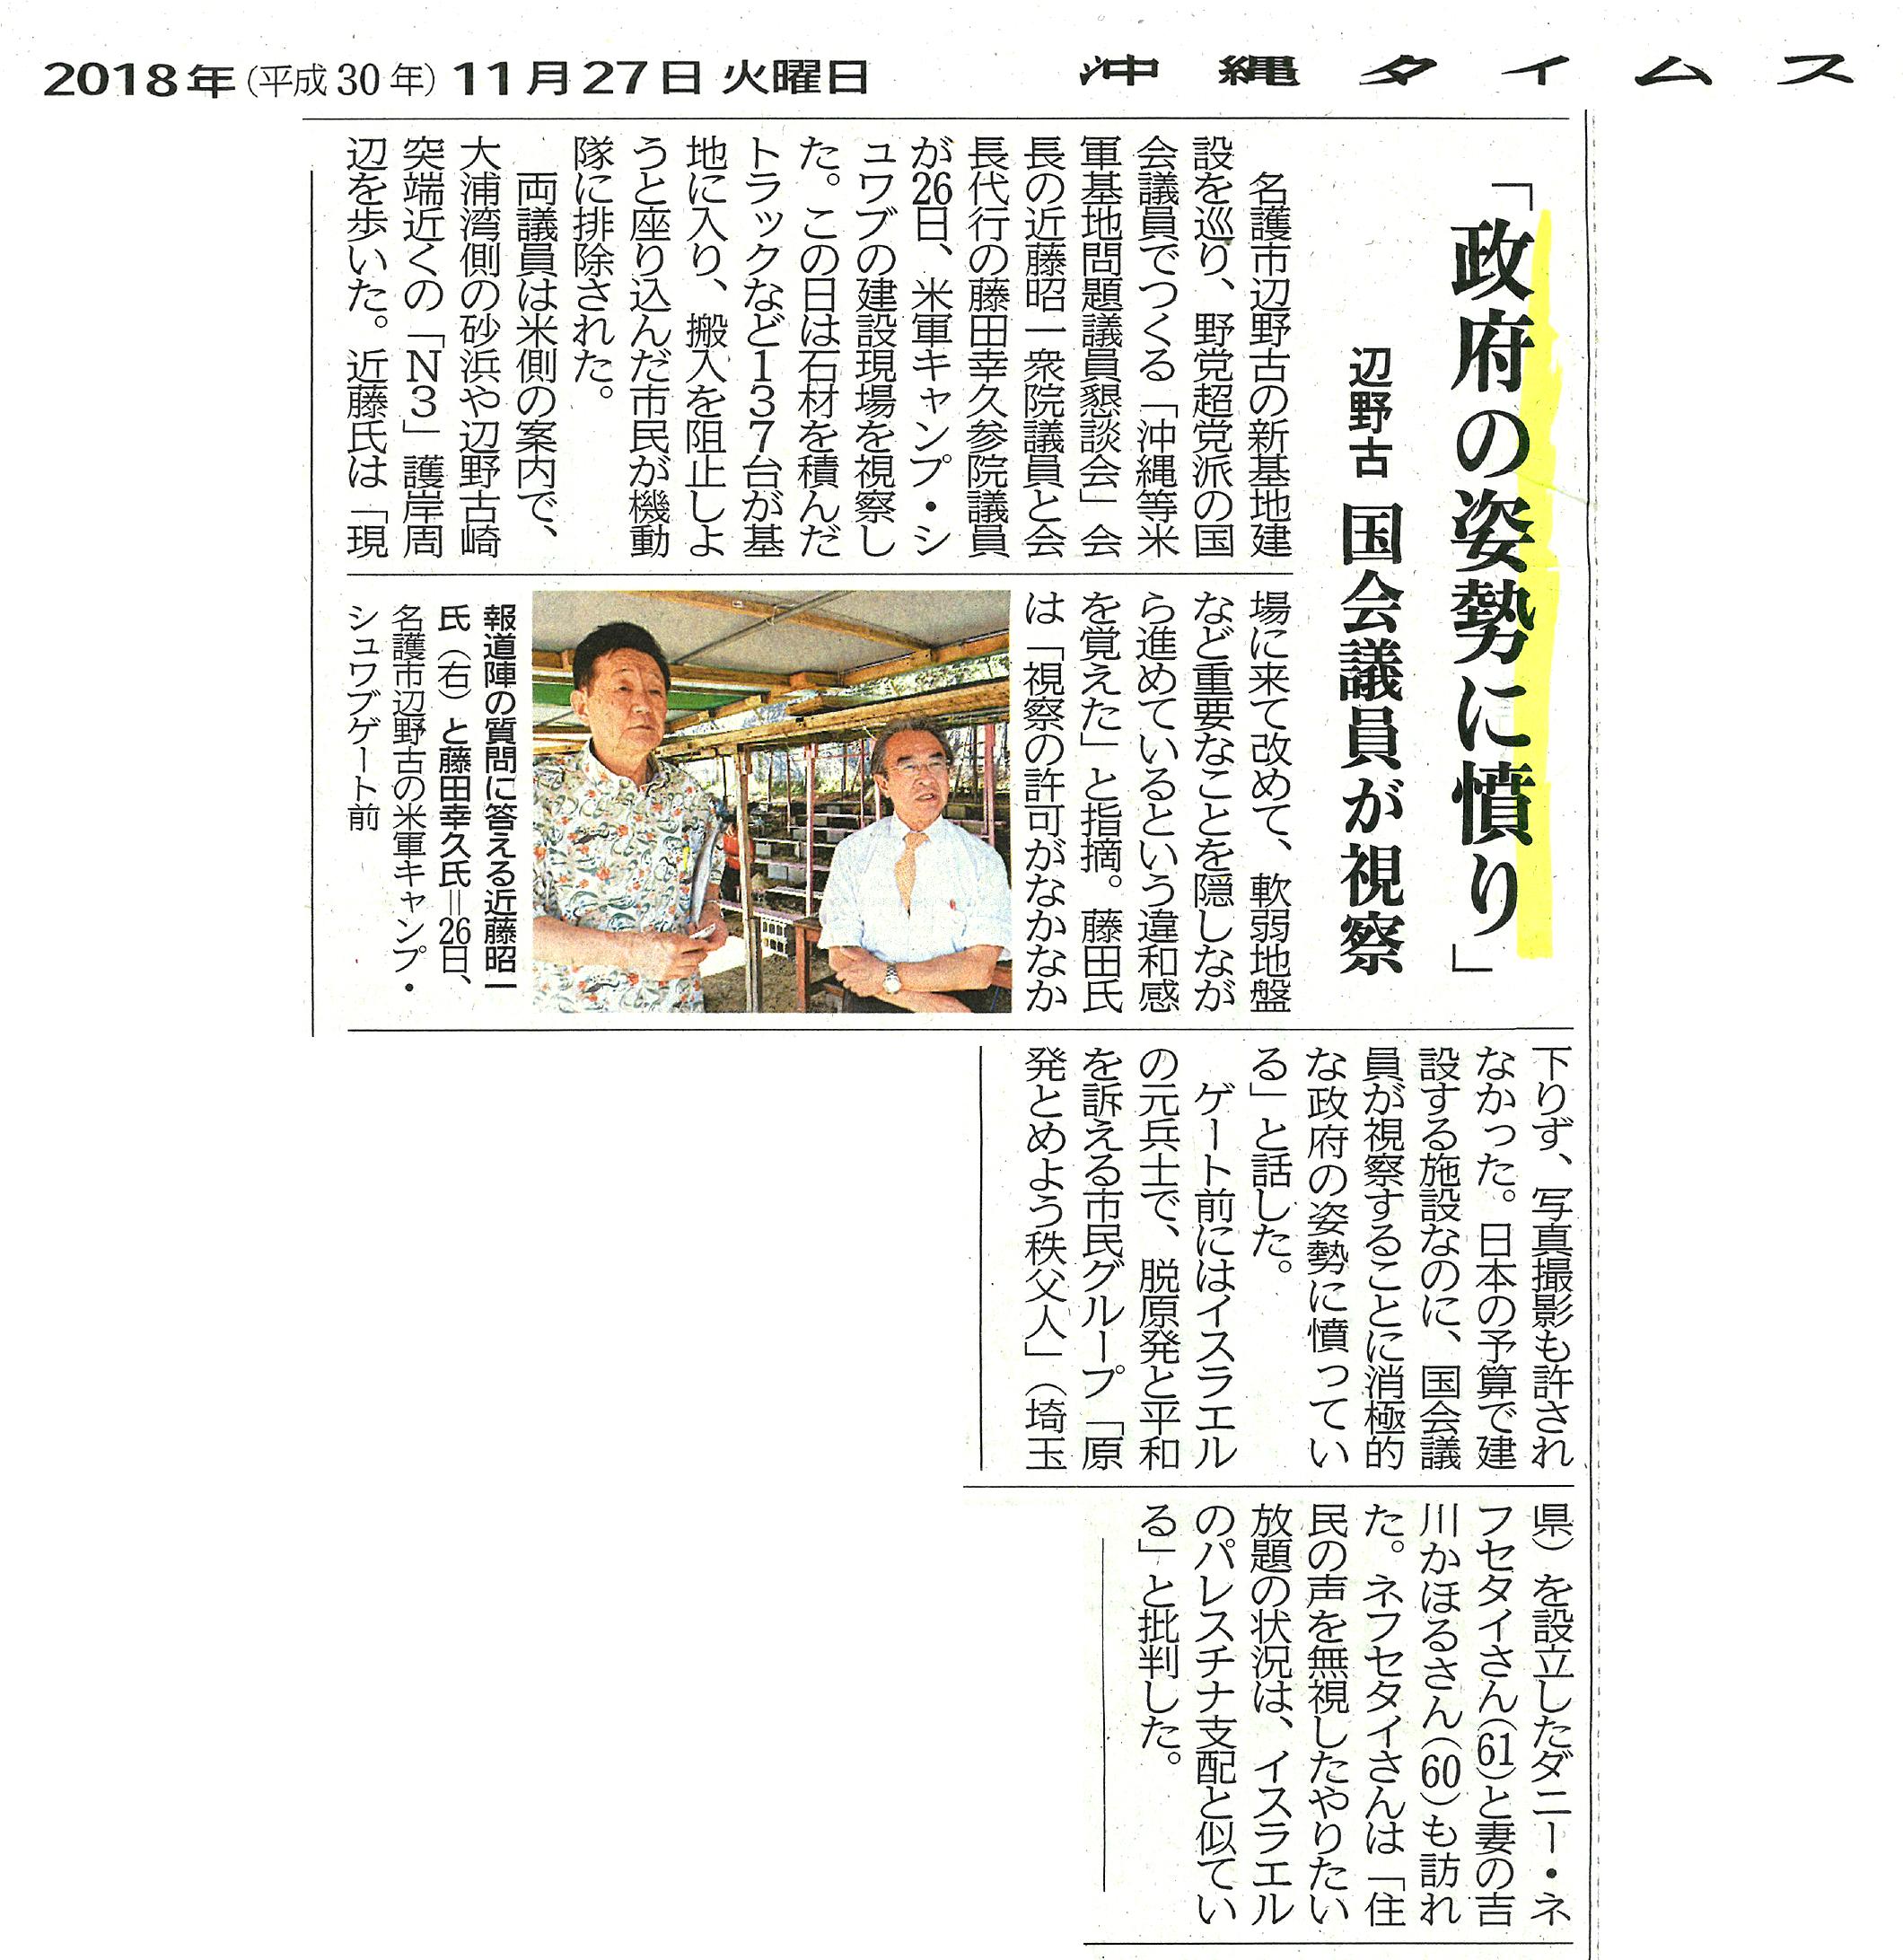 【沖縄タイムス】「政府の姿勢に憤り」 辺野古 国会議員が視察